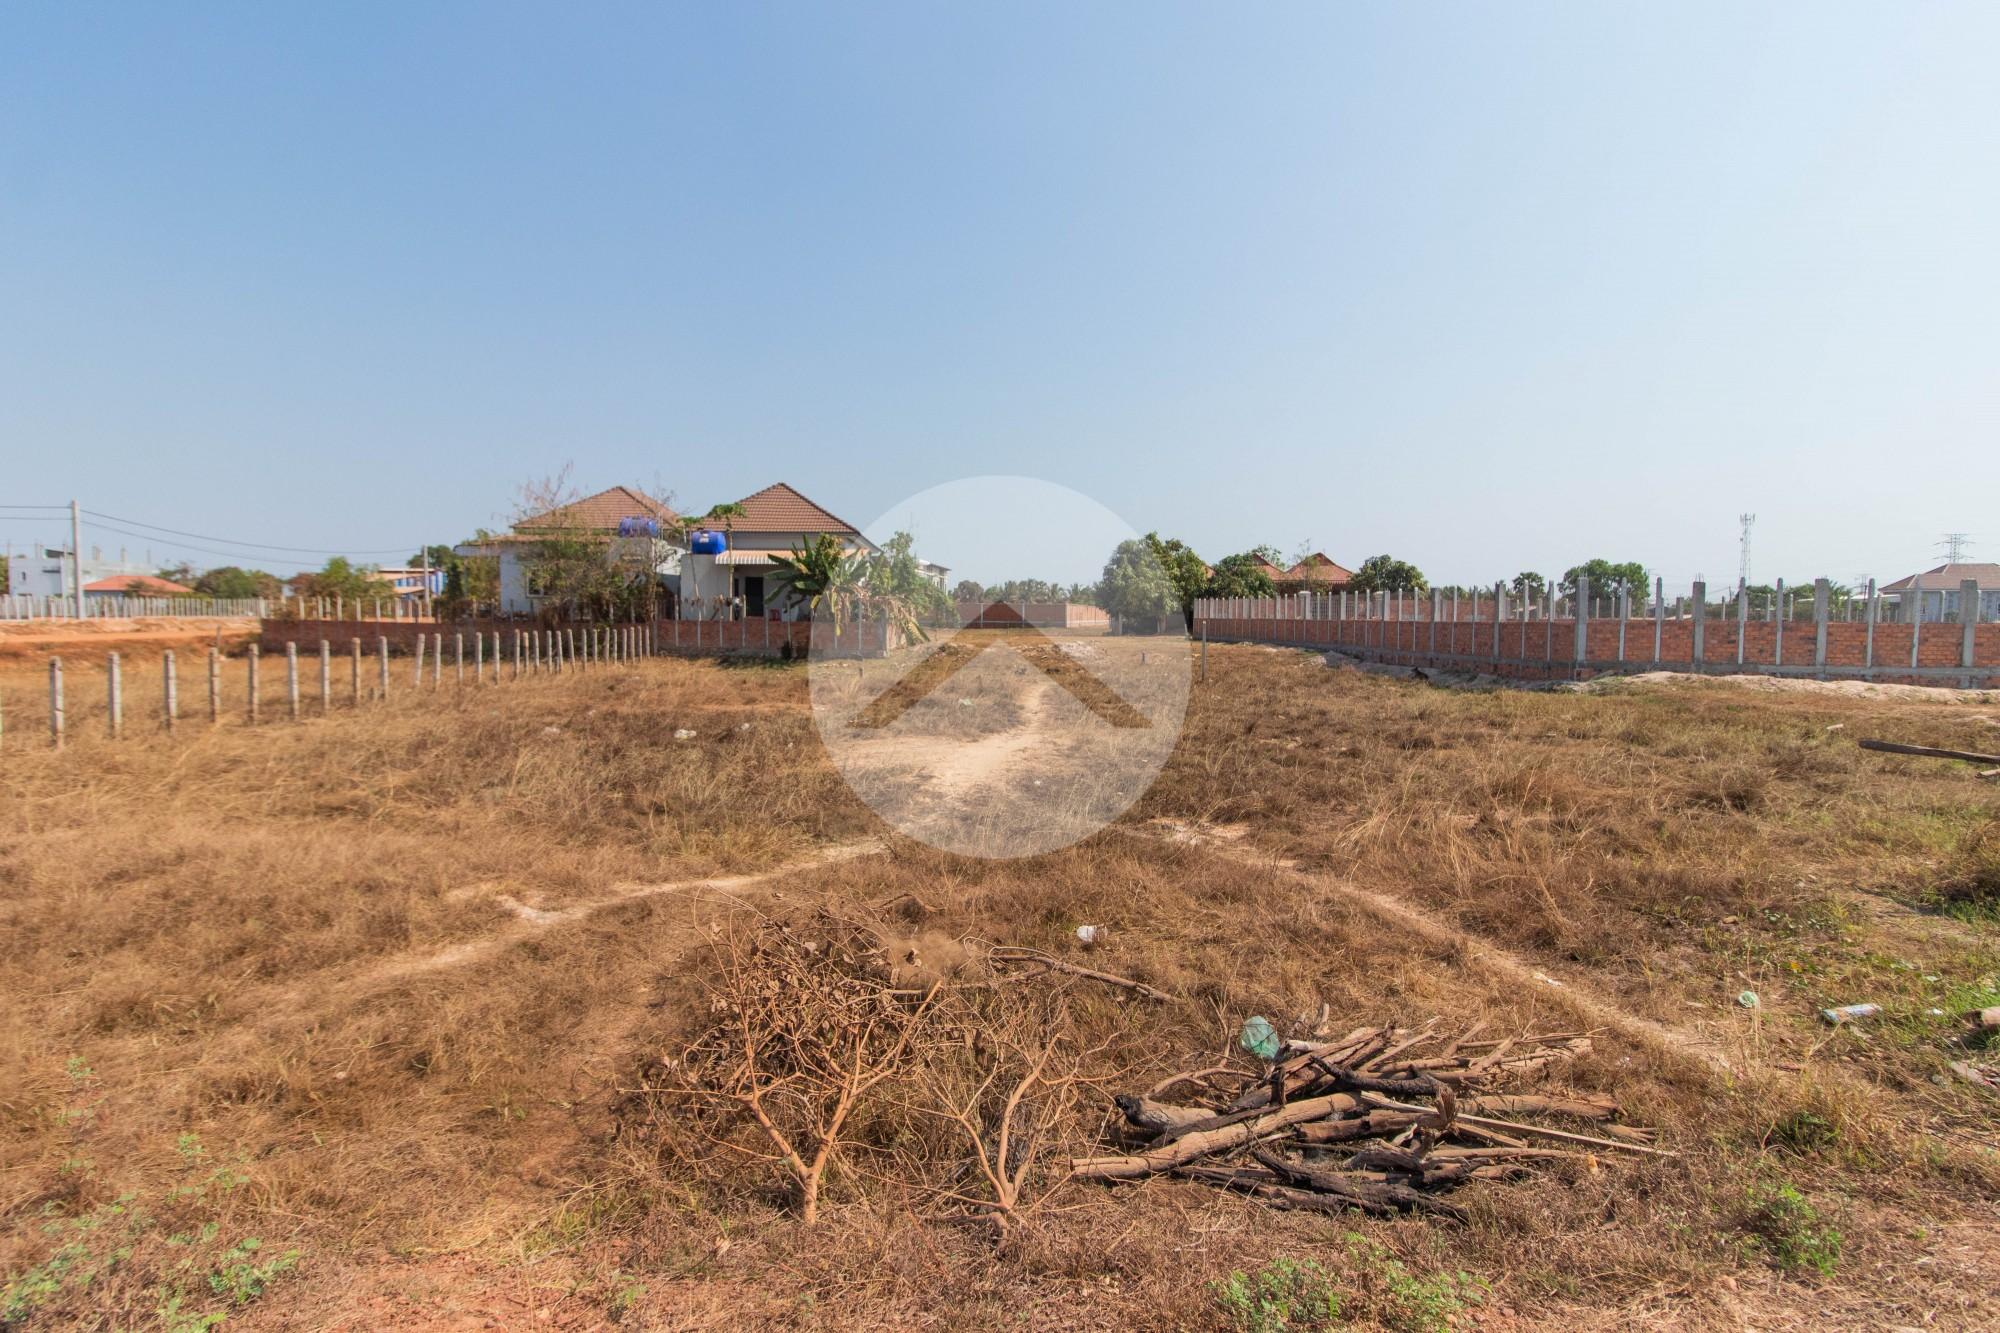 687 Sqm Residential Land For Sale - Chreav, Siem Reap